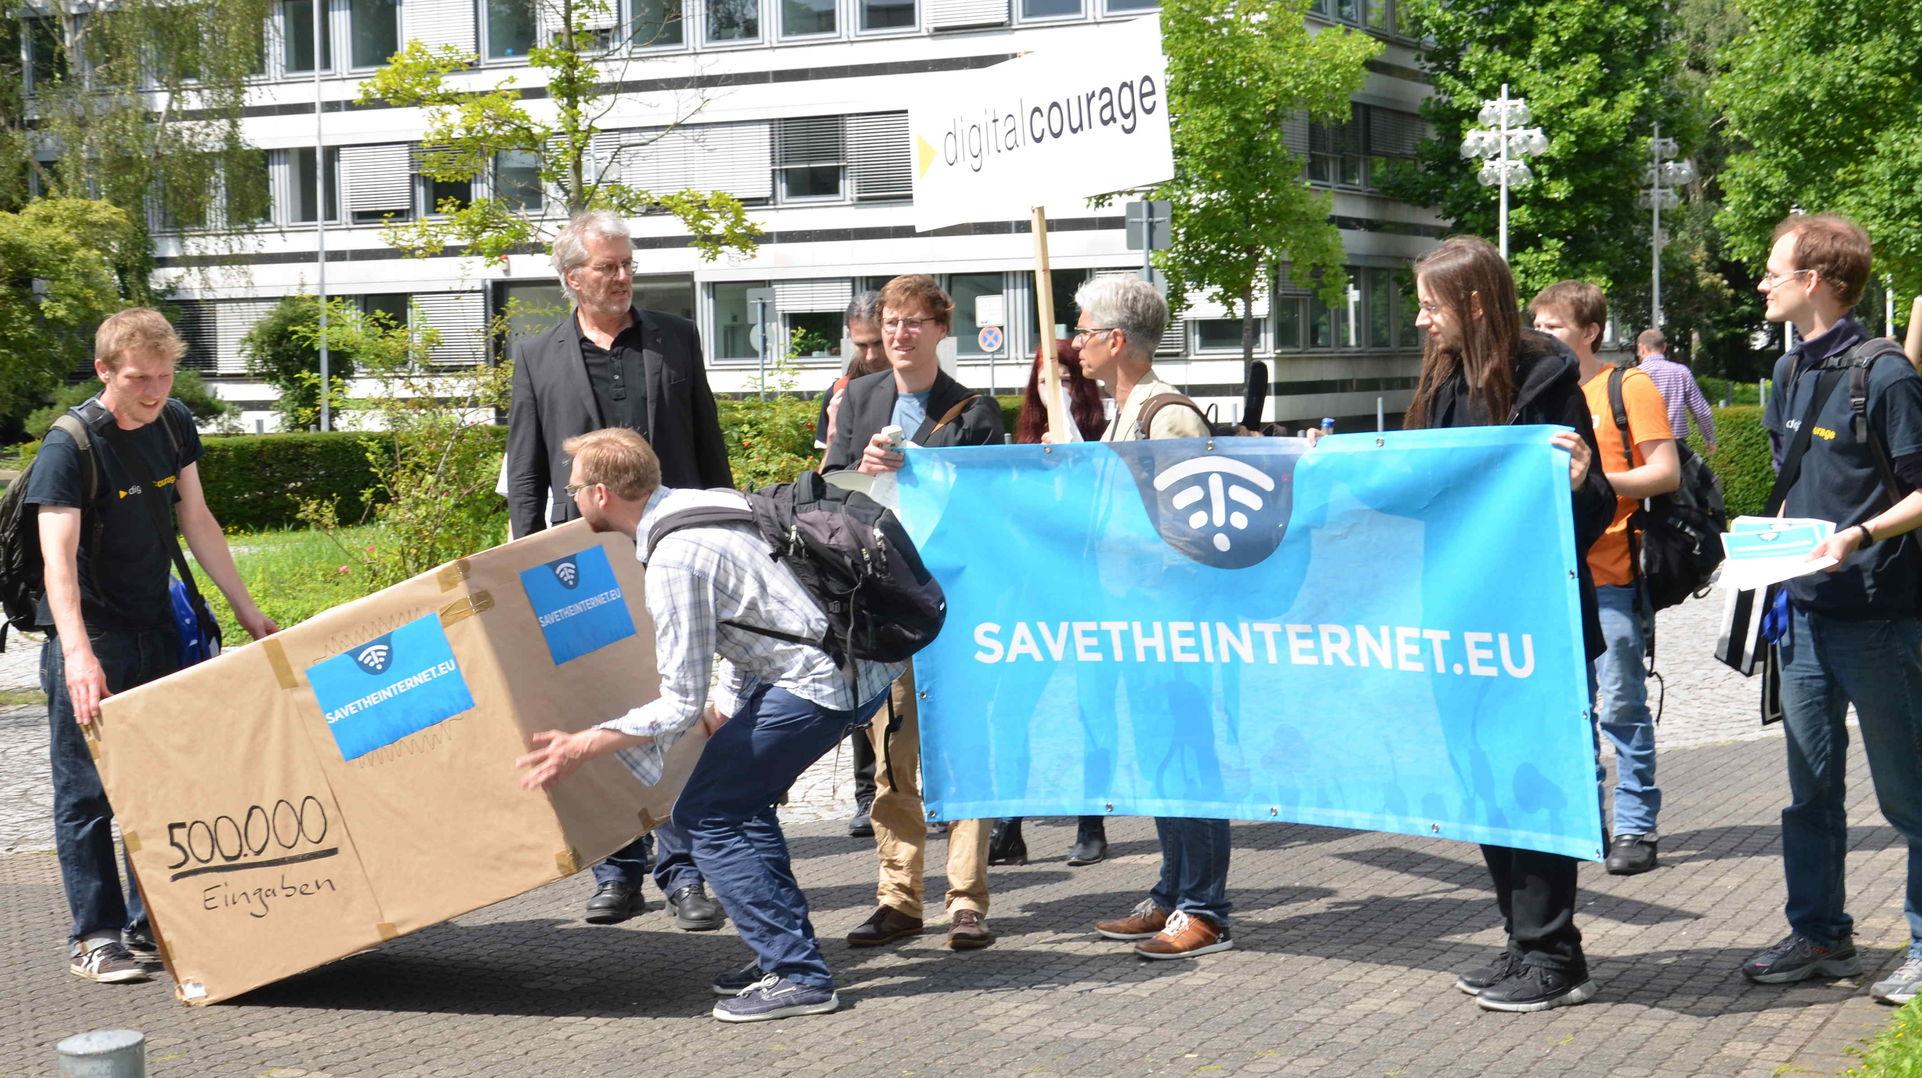 Das Paket mit 500.000 Zuschriften für Netzneutralität erreicht den Hof der Bundesnetzagentur.